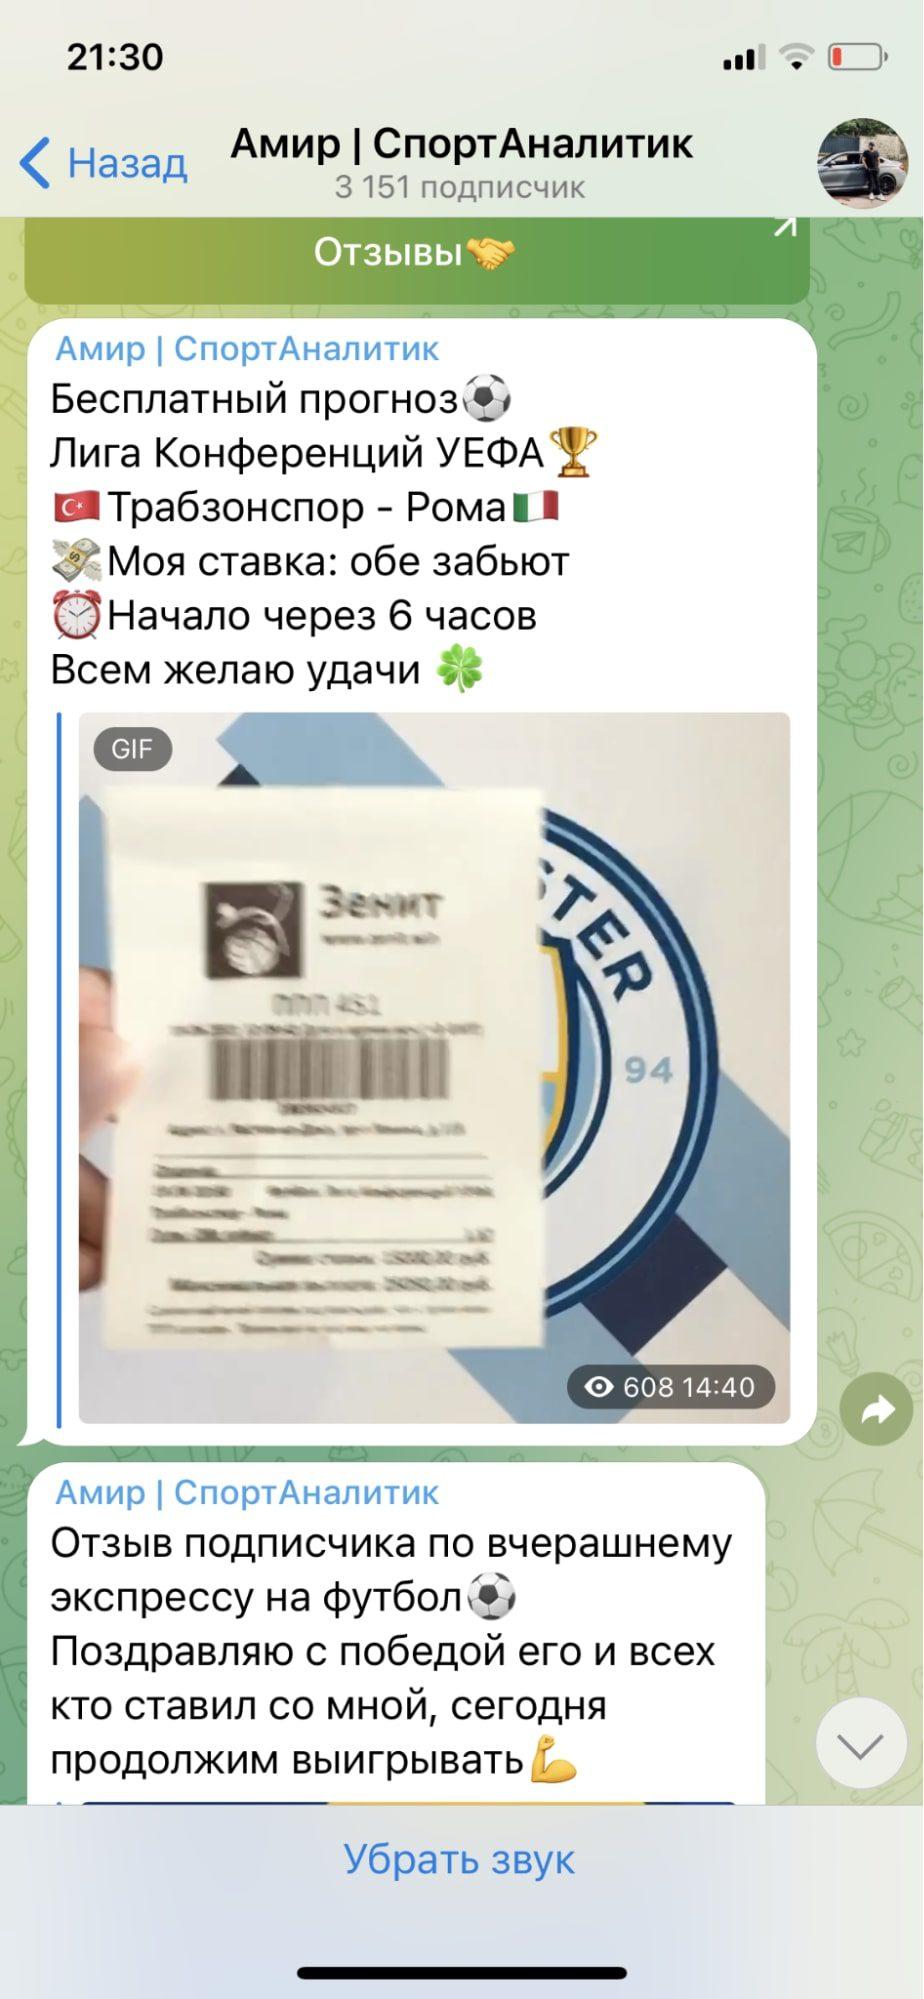 Прогнозы на спорт в Телеграмм каппера Амир